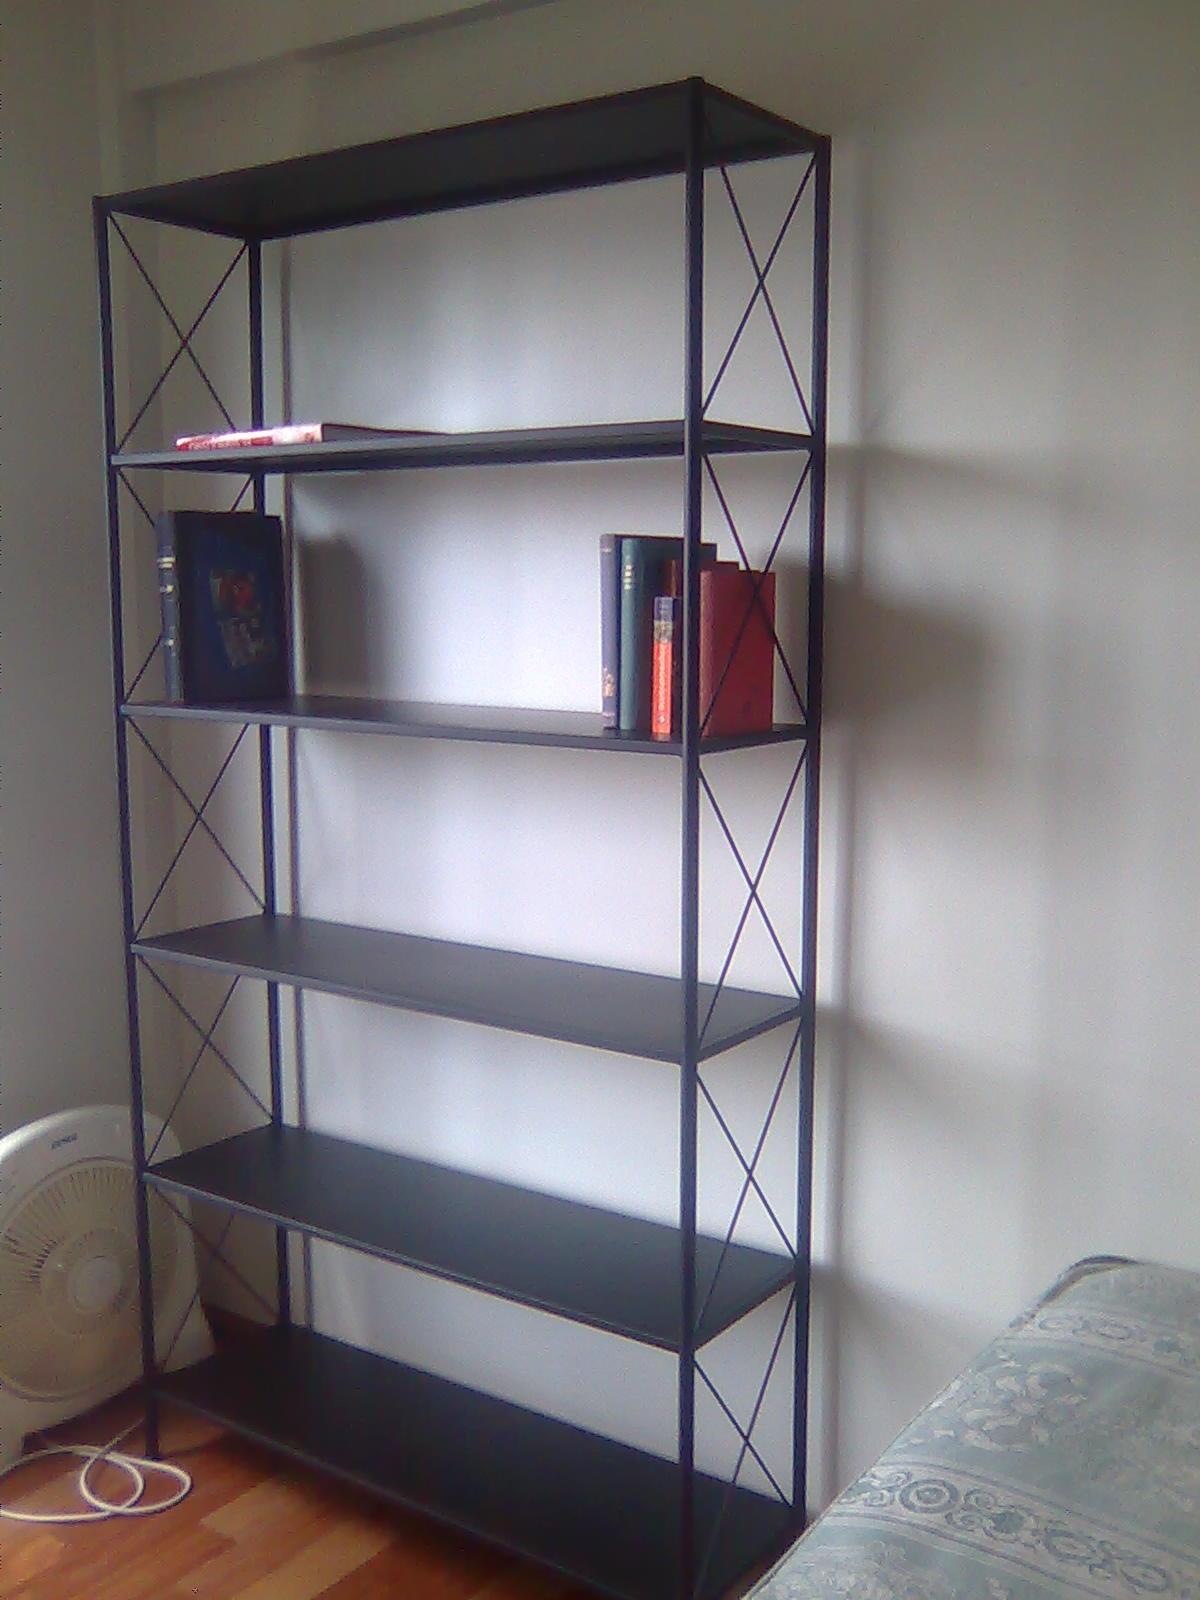 Herreria muebles de hierro for Muebles en hierro